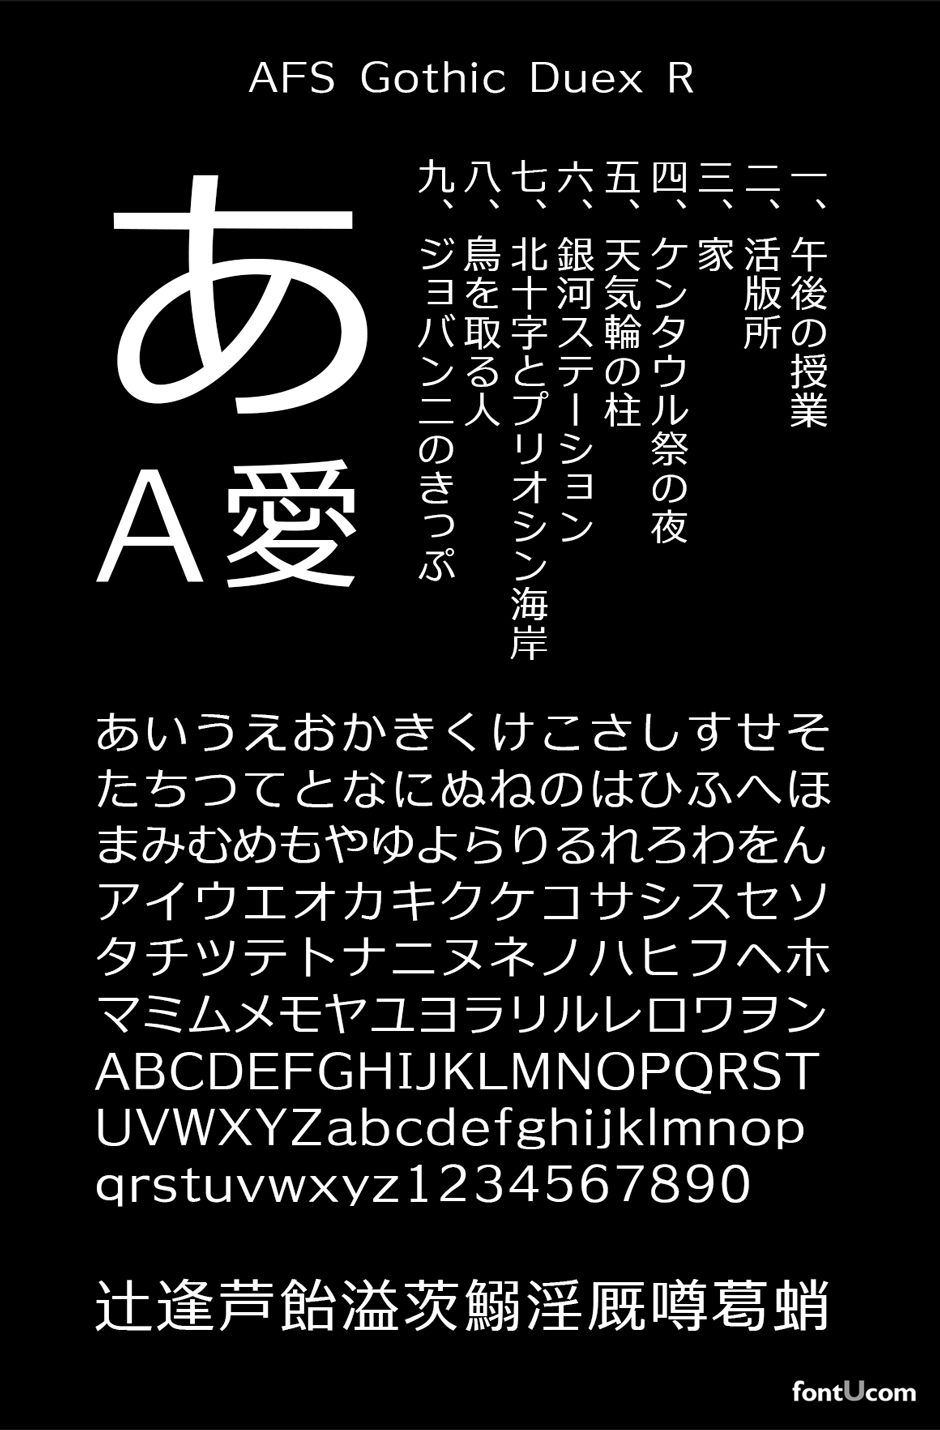 AFS GothicDuex R